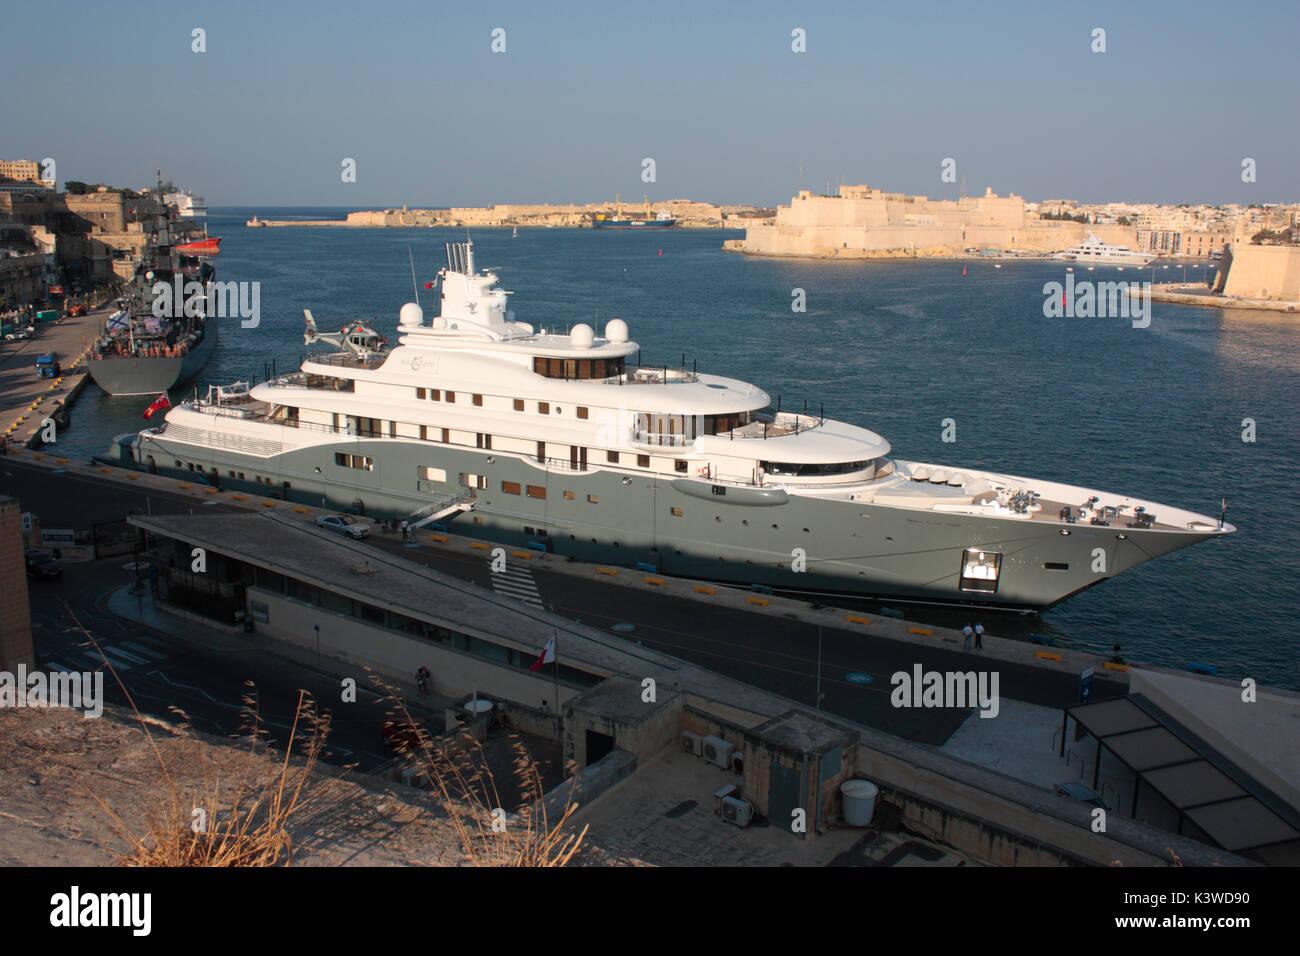 110m Lurssen lussuoso superyacht in radianti per Malta il Grand Harbour, con elicottero a bordo Immagini Stock